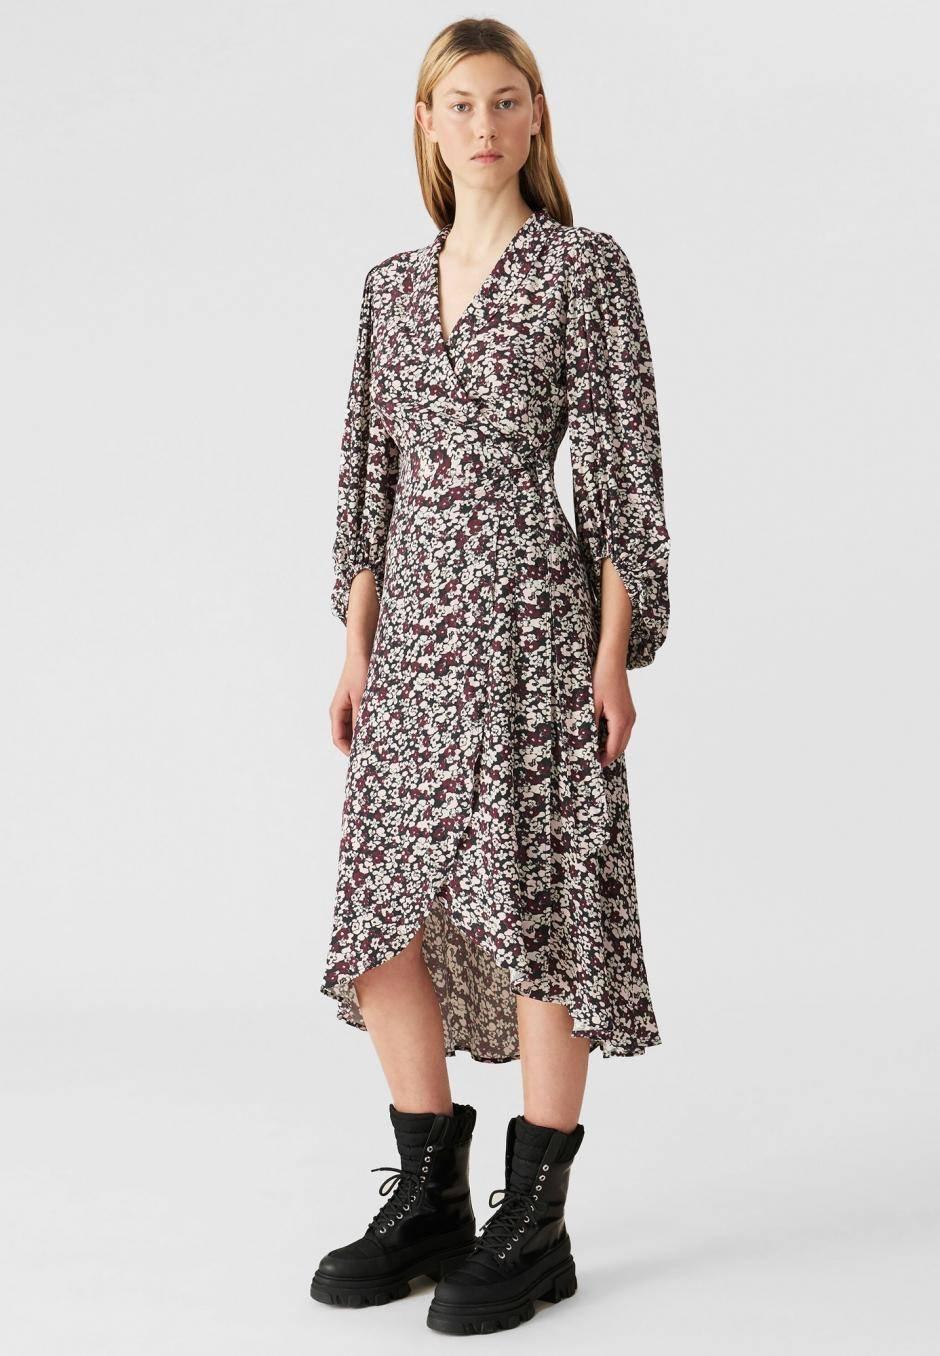 Ganni Printed Crepe Wrap Dress